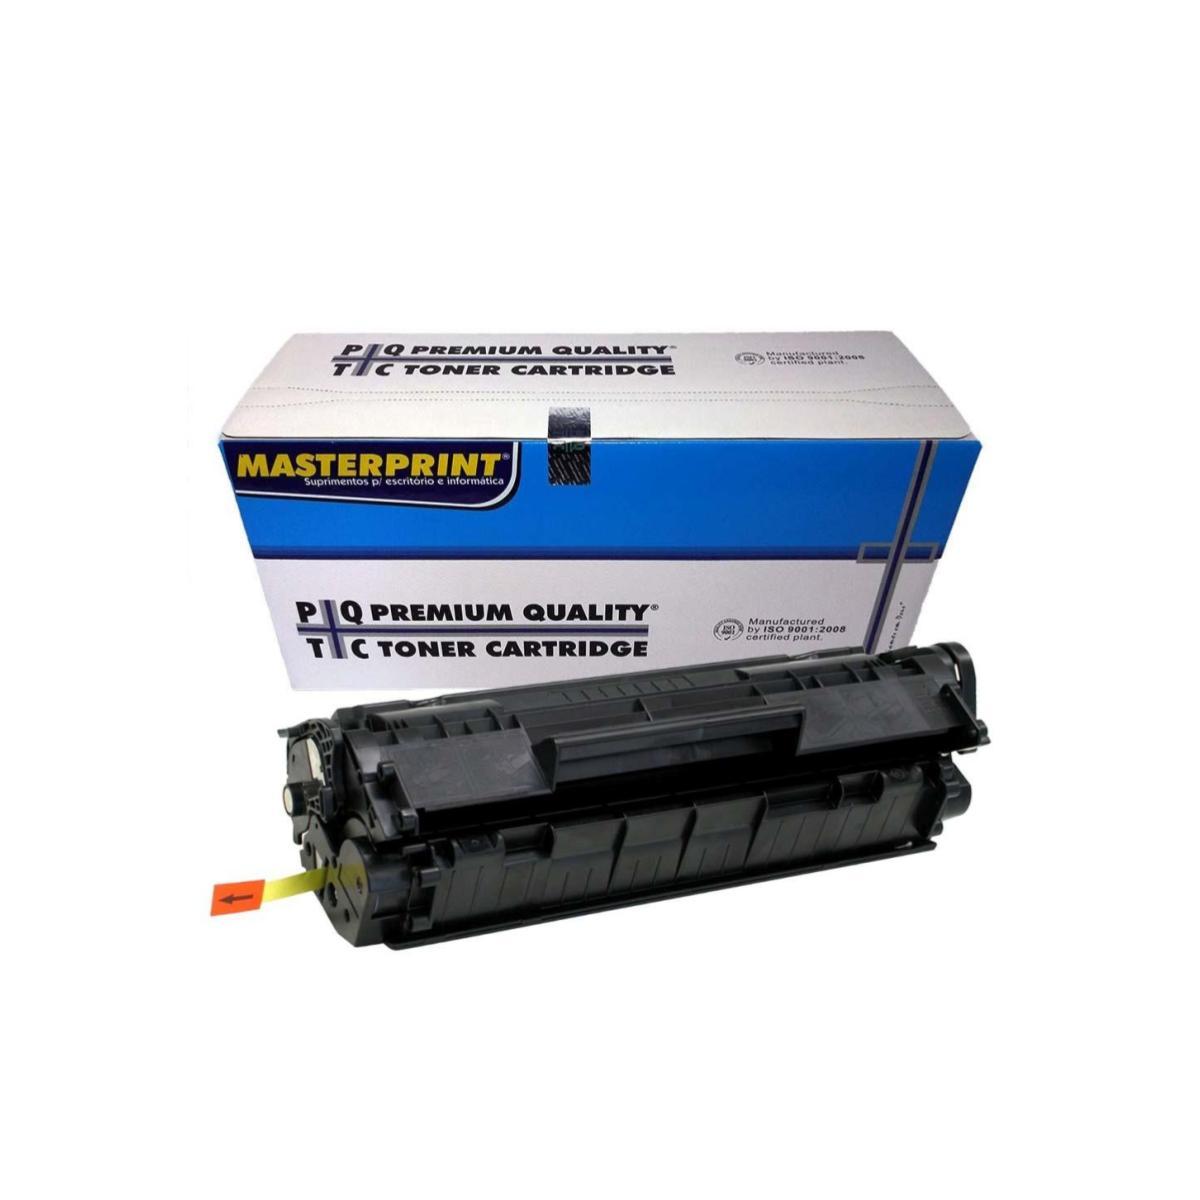 Toner HP Q2612A Compatível Masterprint